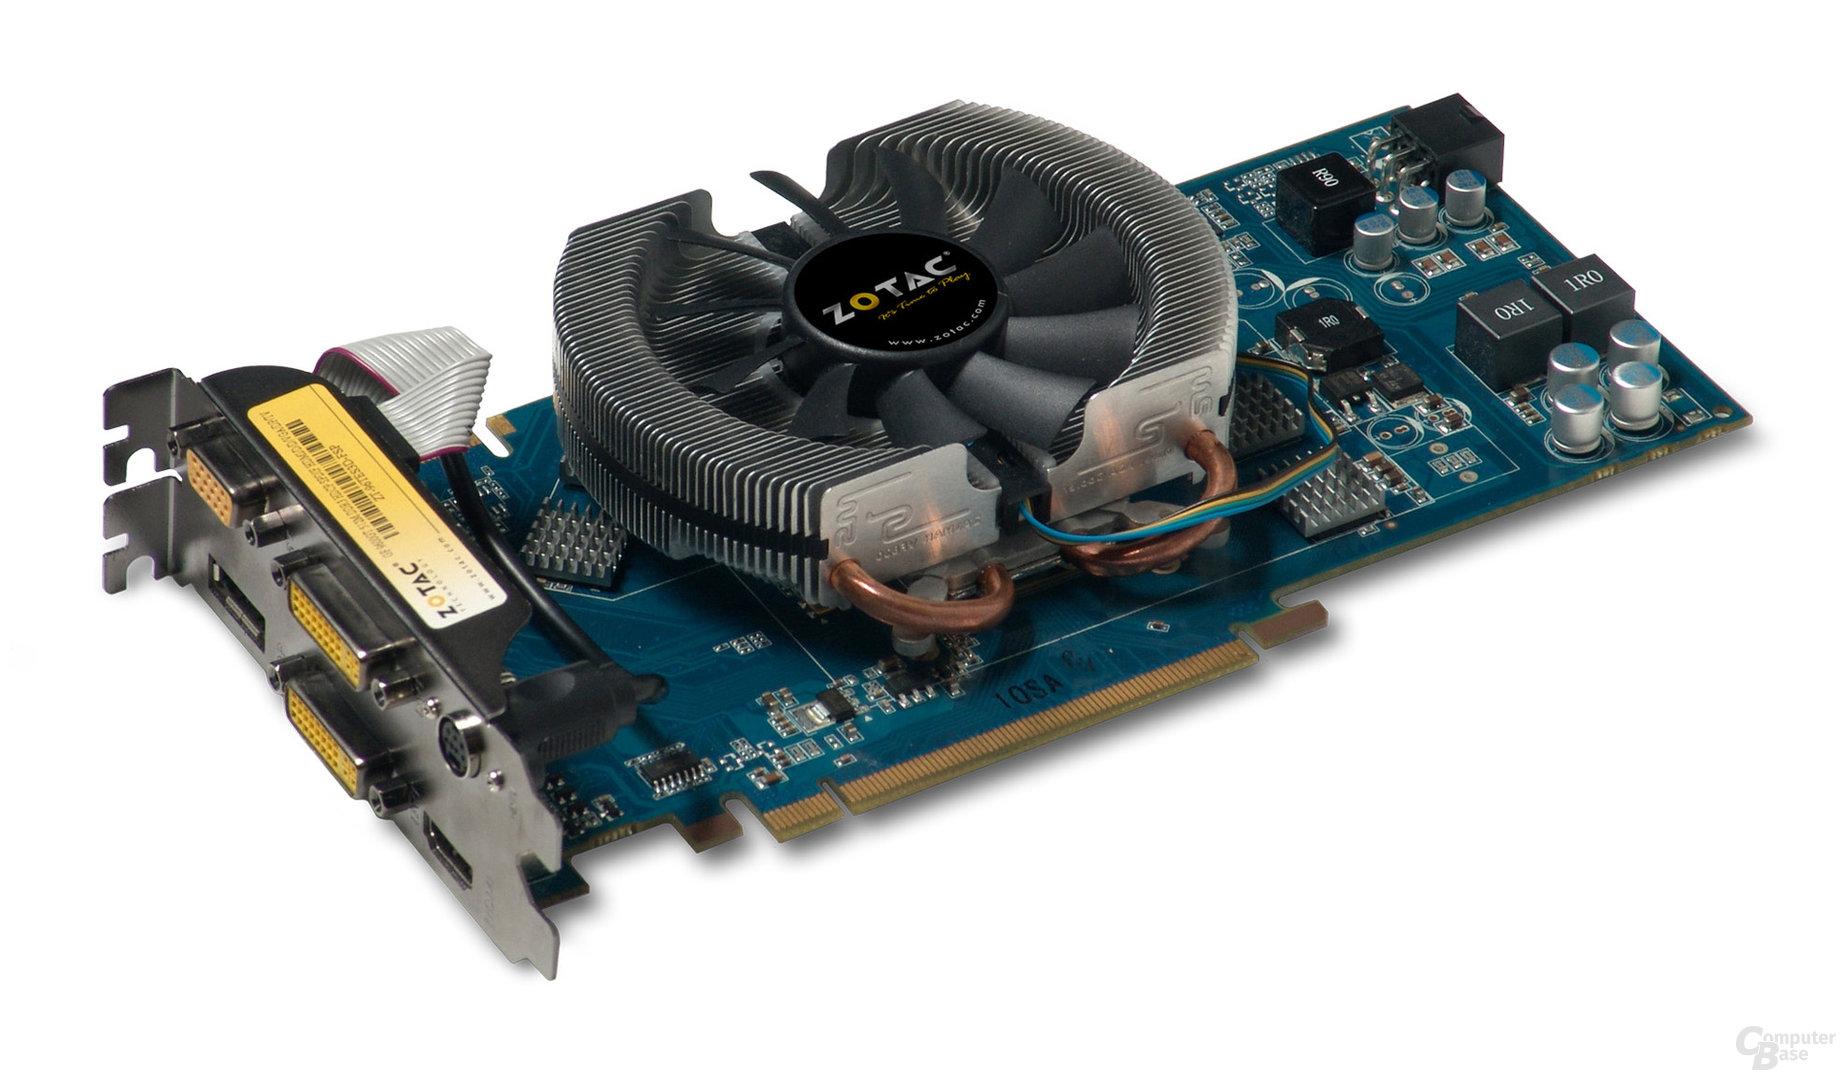 Zotac GeForce 9600 GT DisplayPort